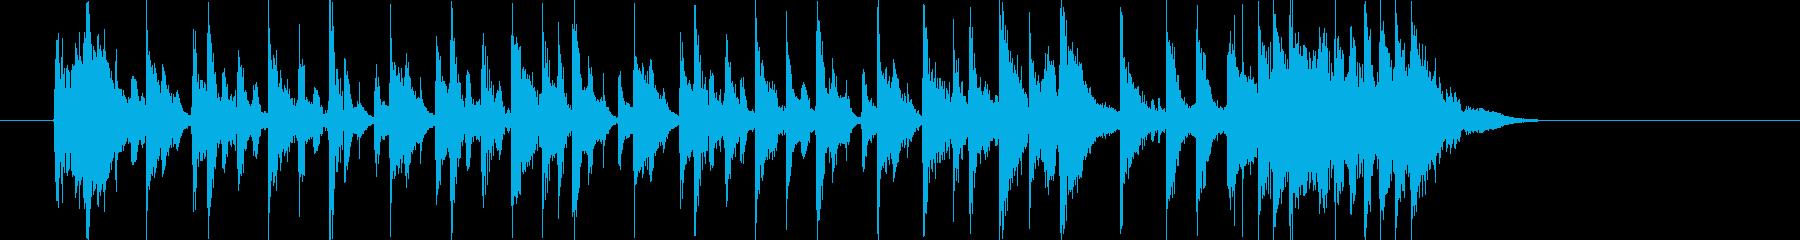 おしゃれで爽やかなシンセサイザーサウンドの再生済みの波形